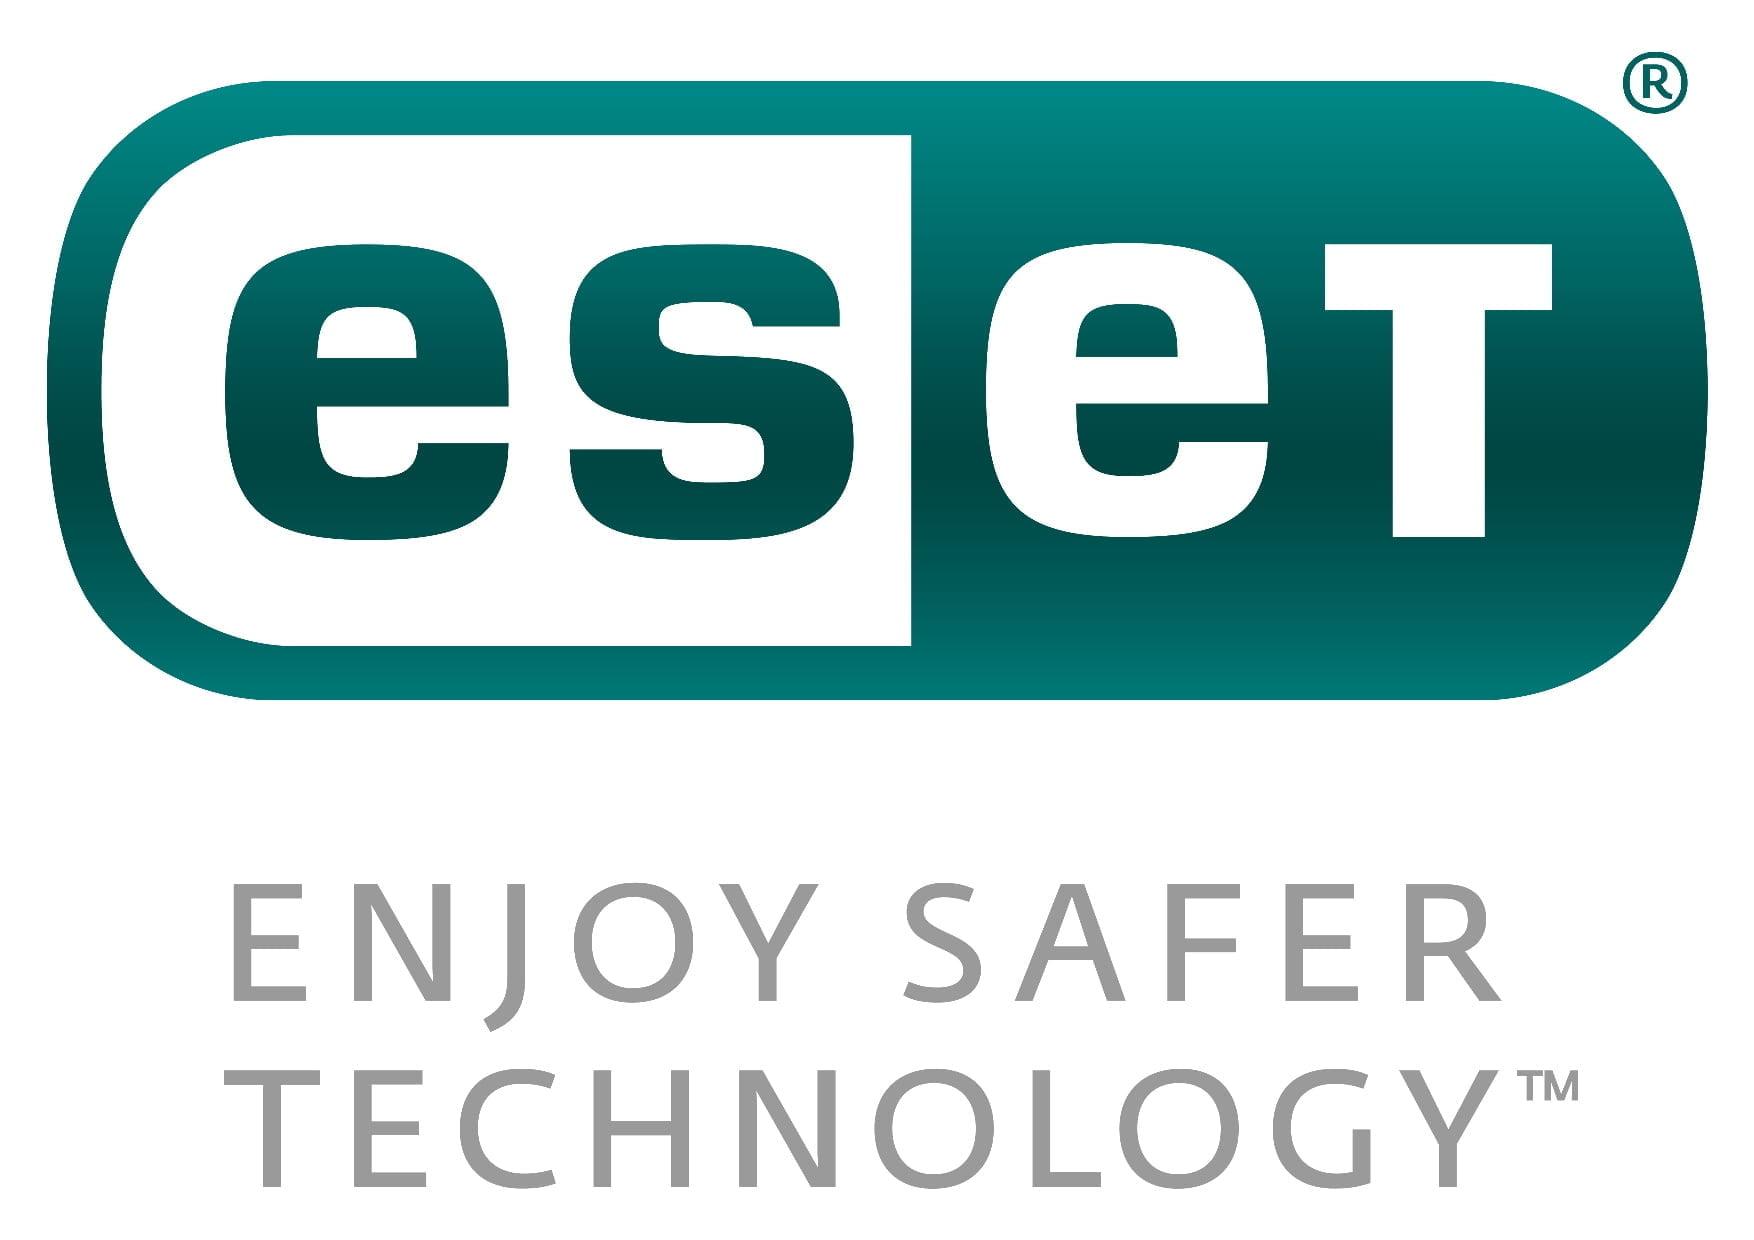 ESET, Avrupa'nın en iyi yazılım firmalarından biri olarak tanımlandı.